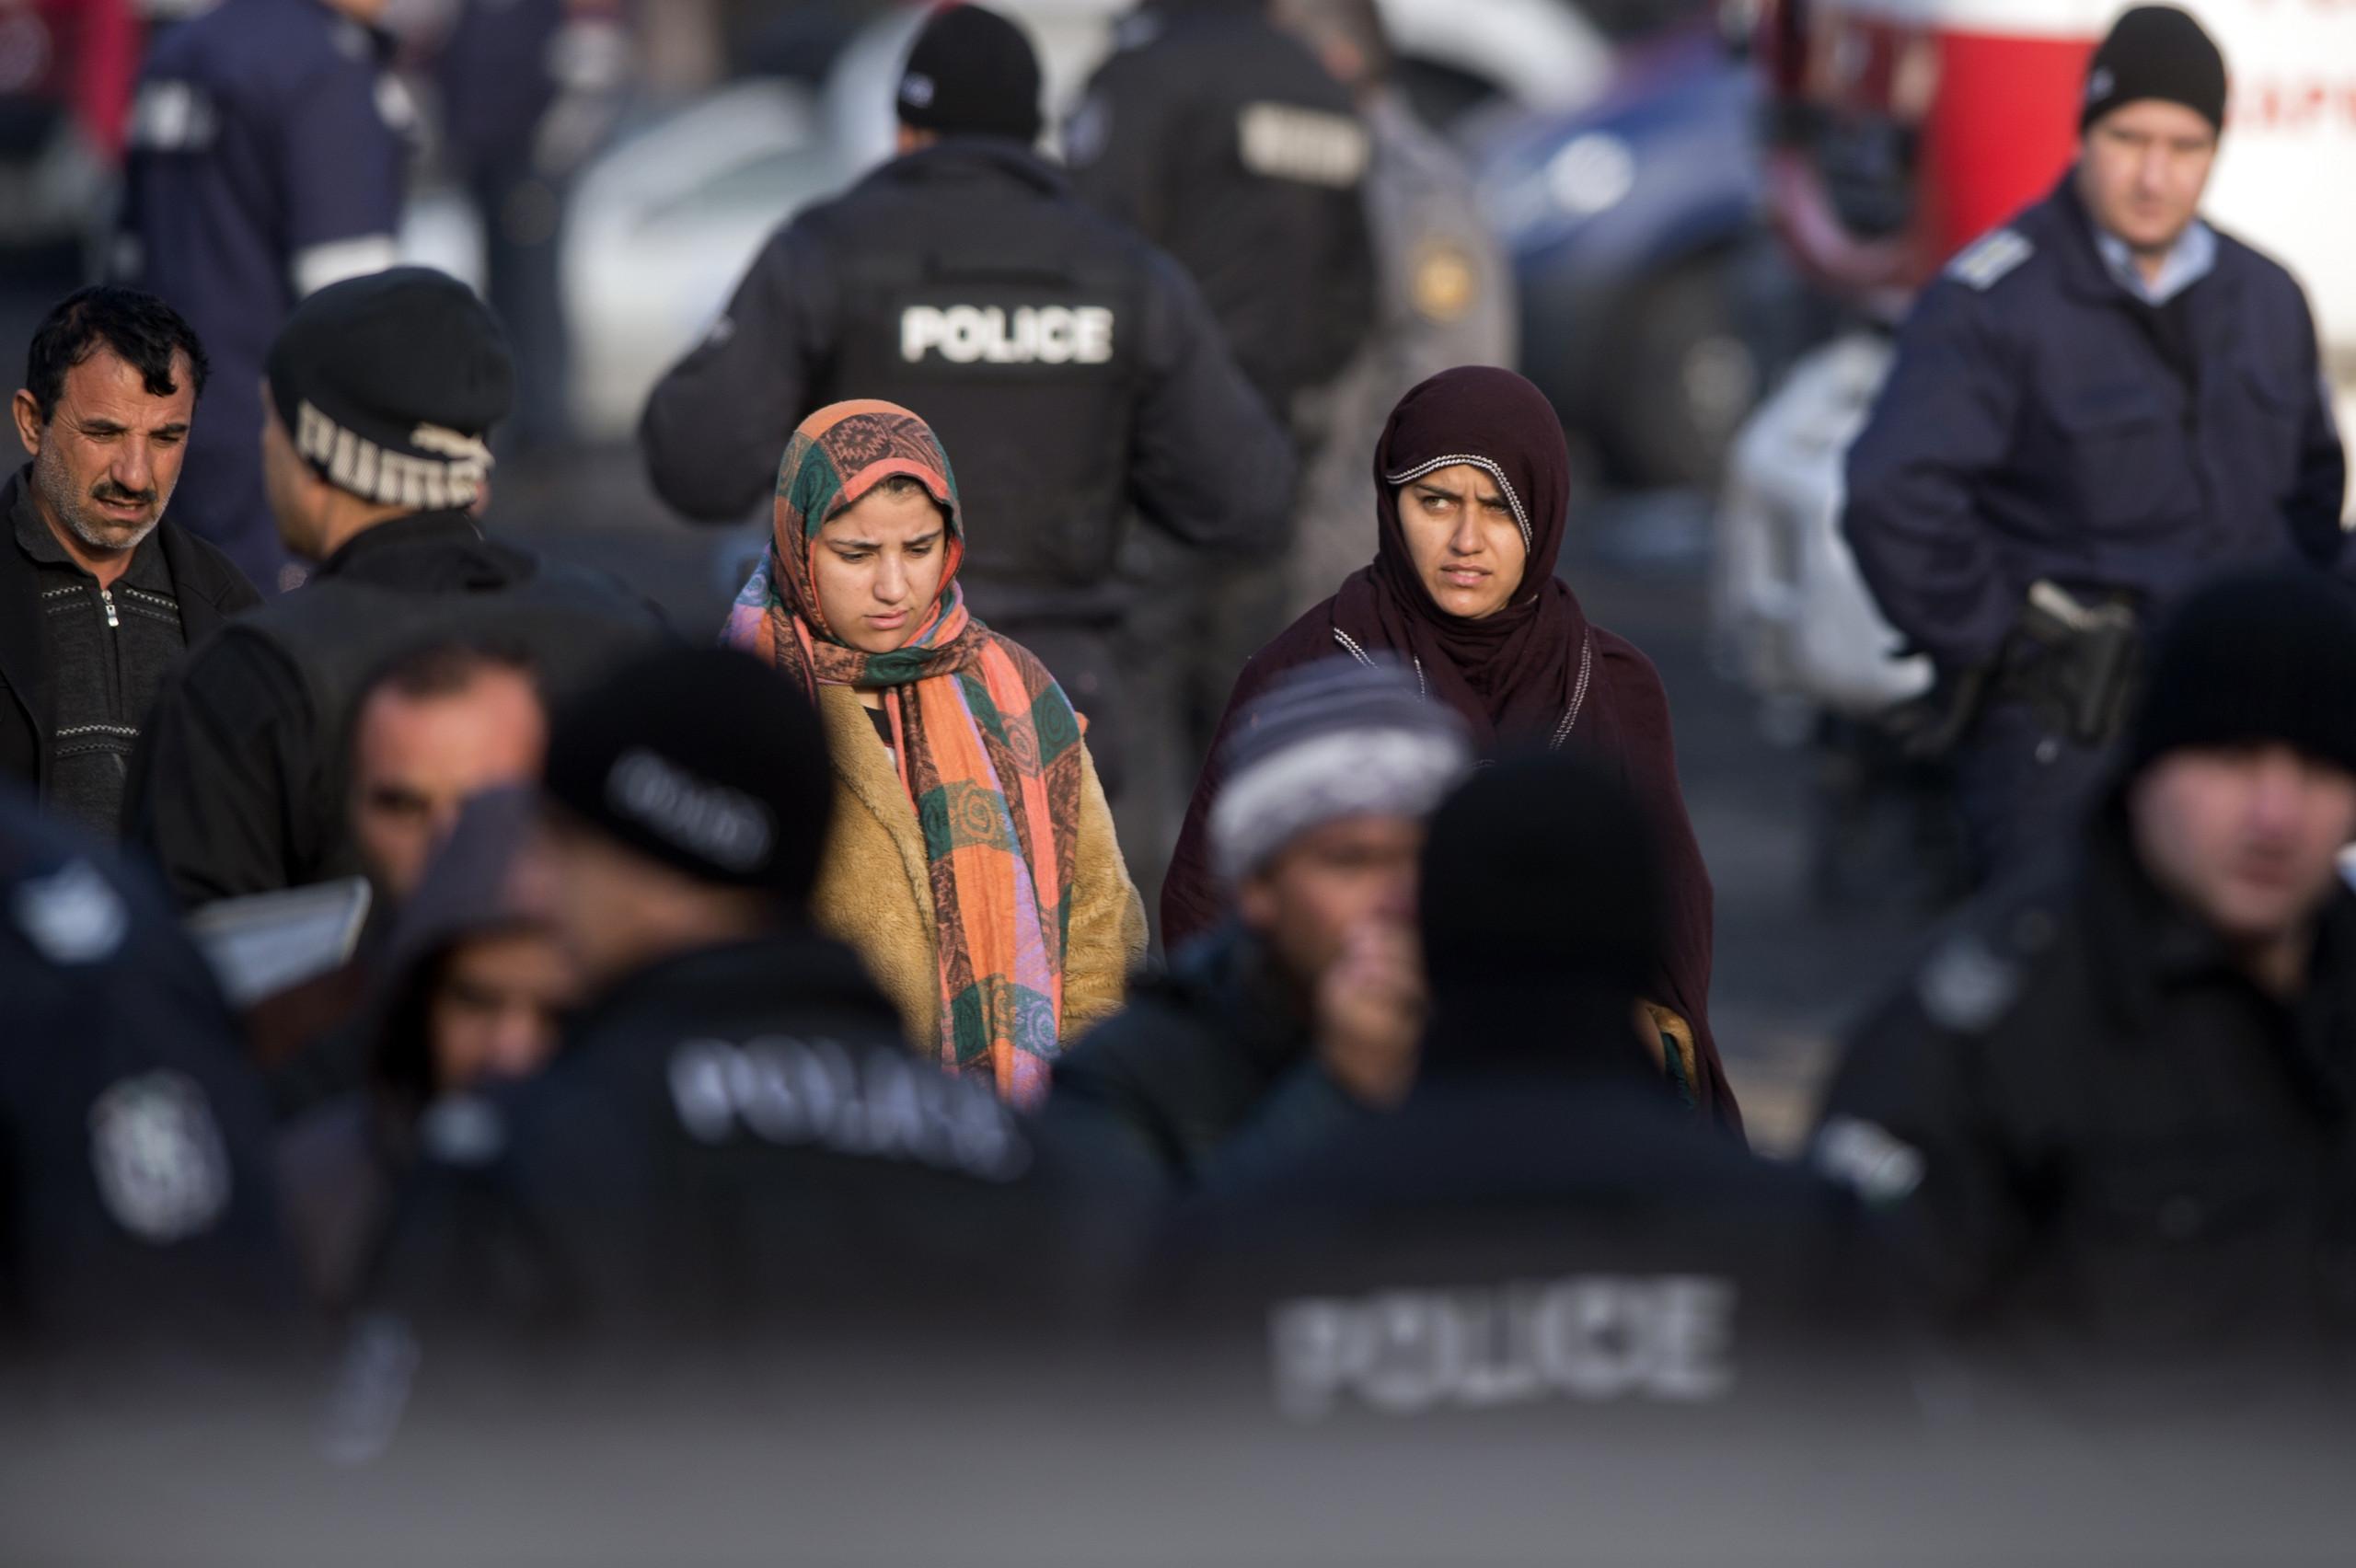 ارتفاع طلبات اللجوء في فرنسا الى رقم قياسي